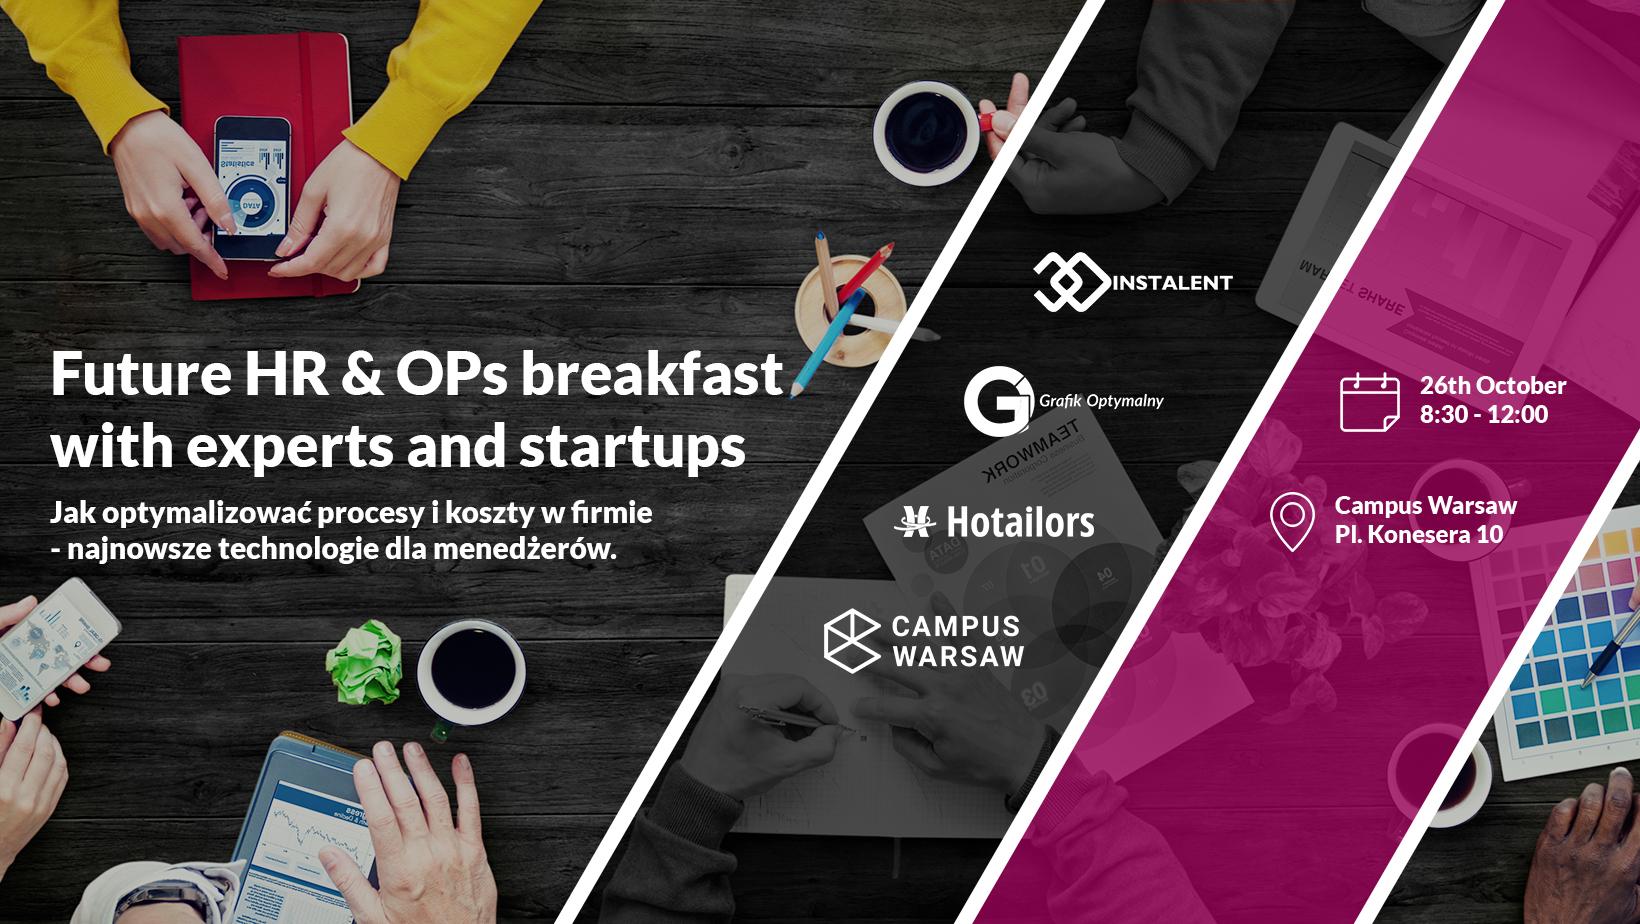 Grafik Optymalny współorganizatorem konferencji Future HR & OPs breakfast with experts and startups